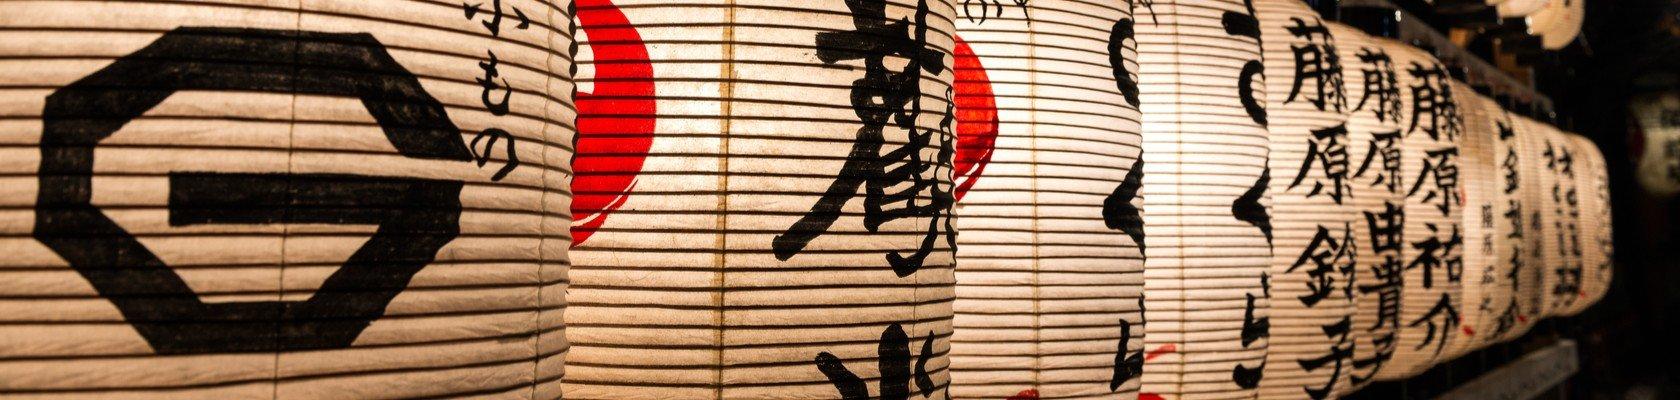 Papieren lantaarns bij het Yasaka heiligdom